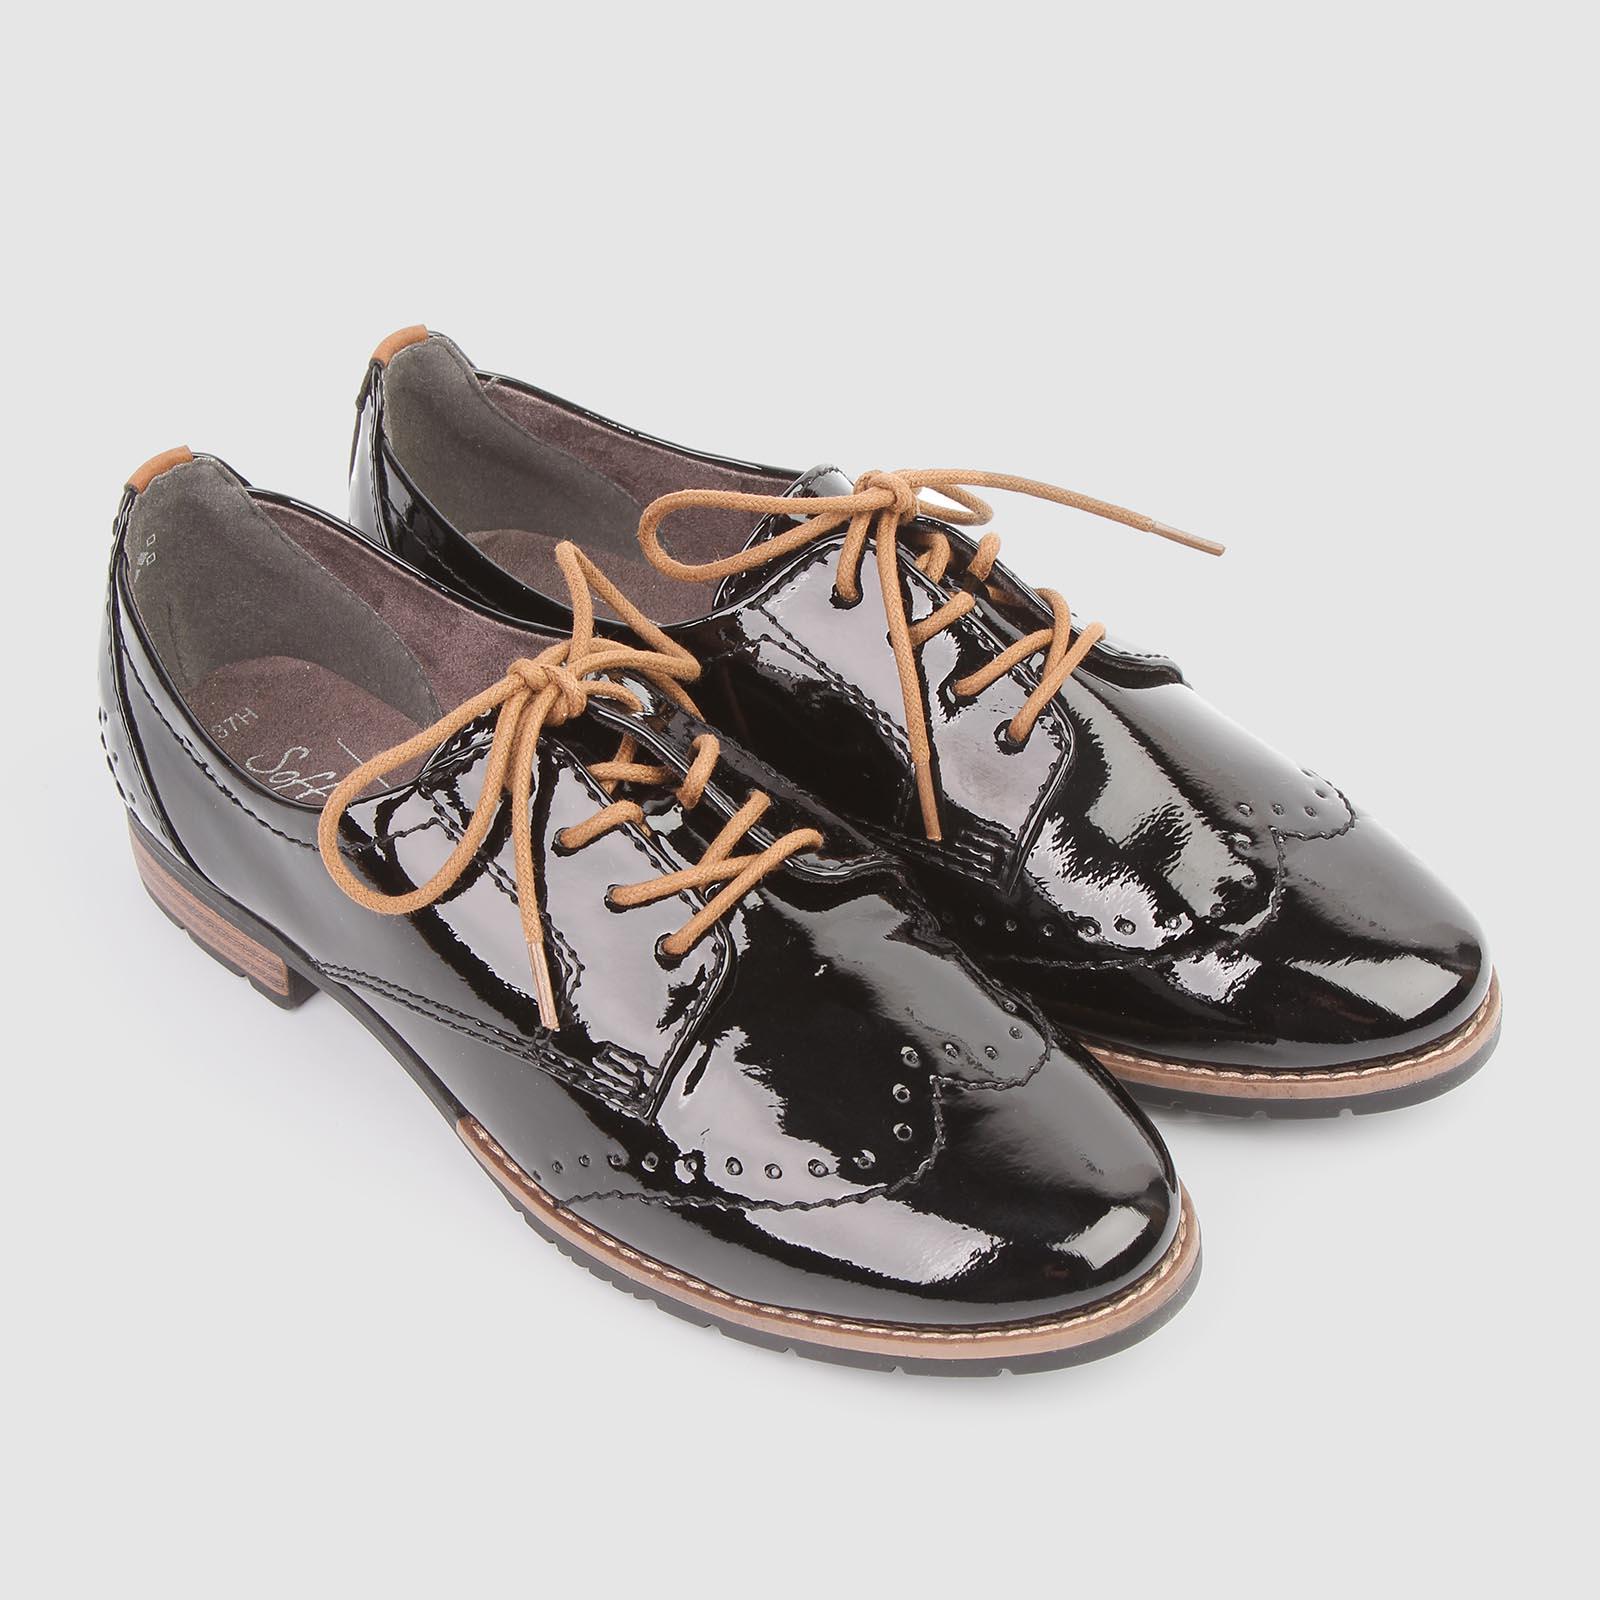 Ботинки женские лакированные на шнурках